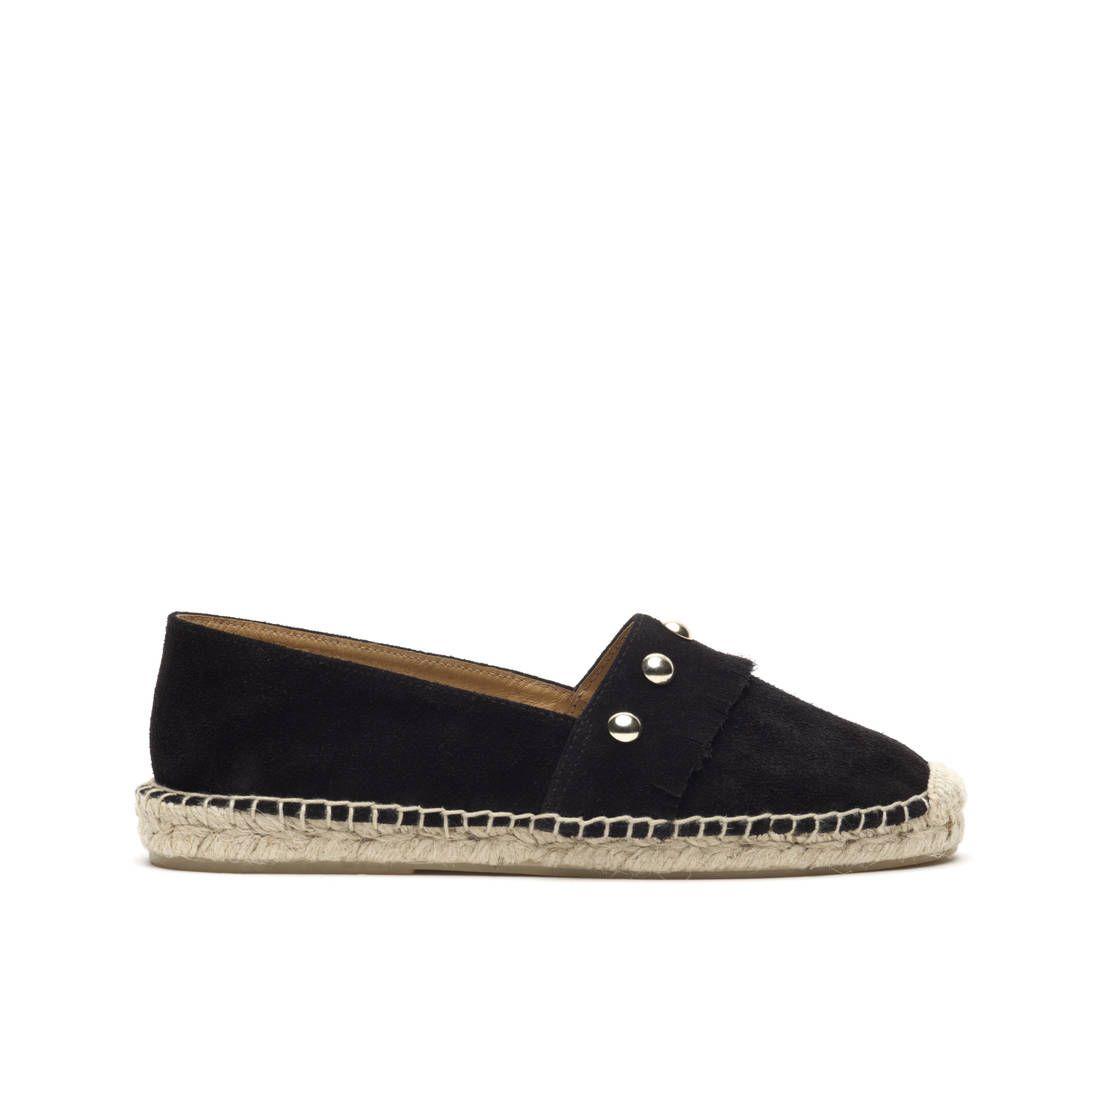 Chaussures De Sport Marron Avec Lacets Espadrillerand Île Fluviale jbfHGqD4